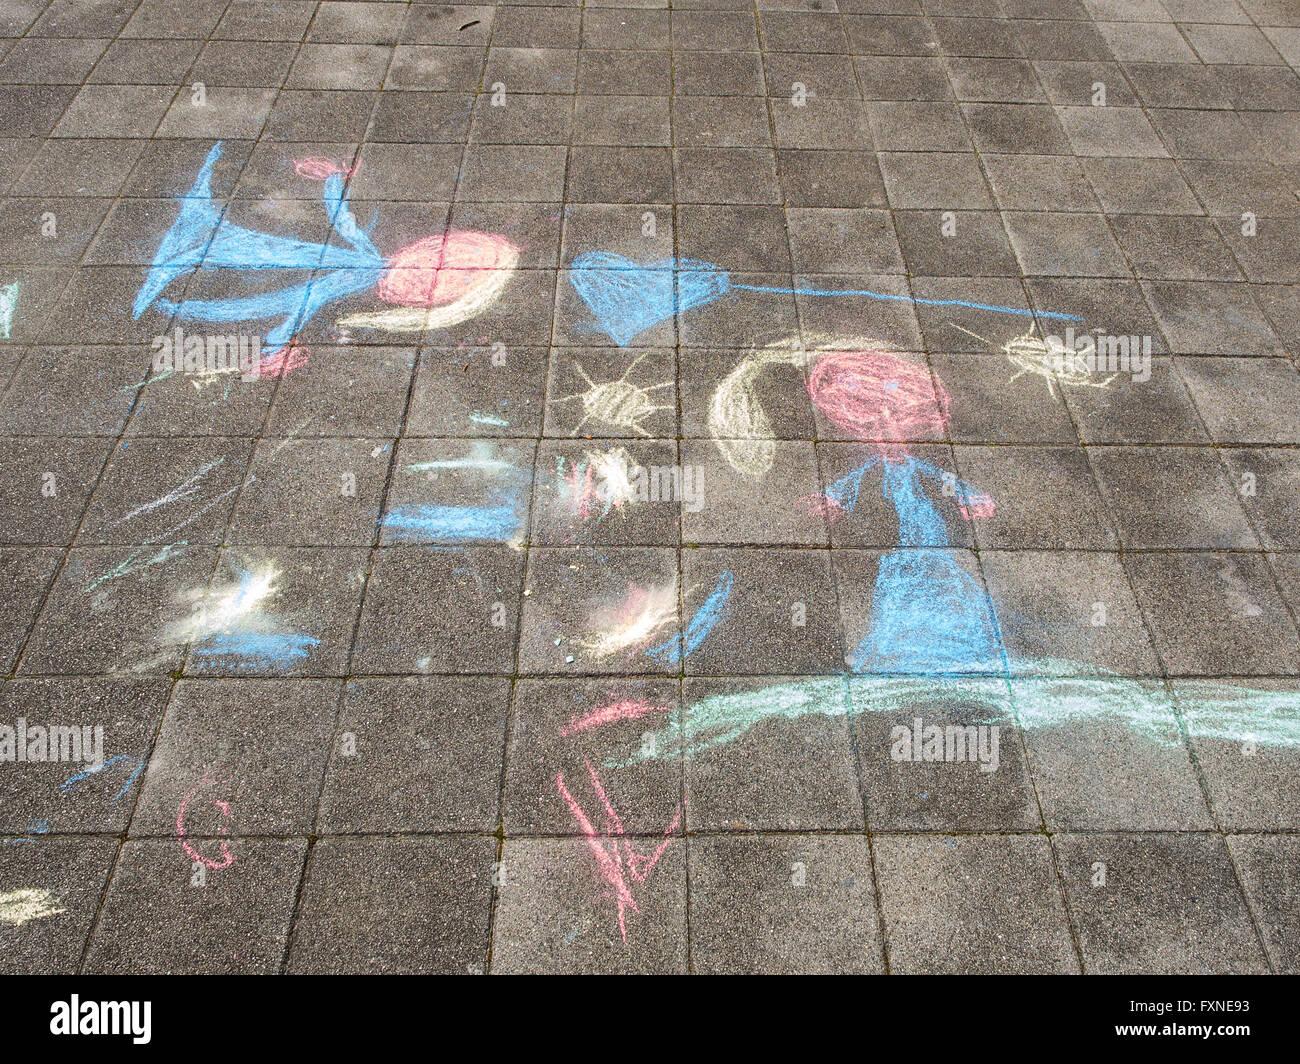 Bambini colorati disegni realizzati con gessi su cemento